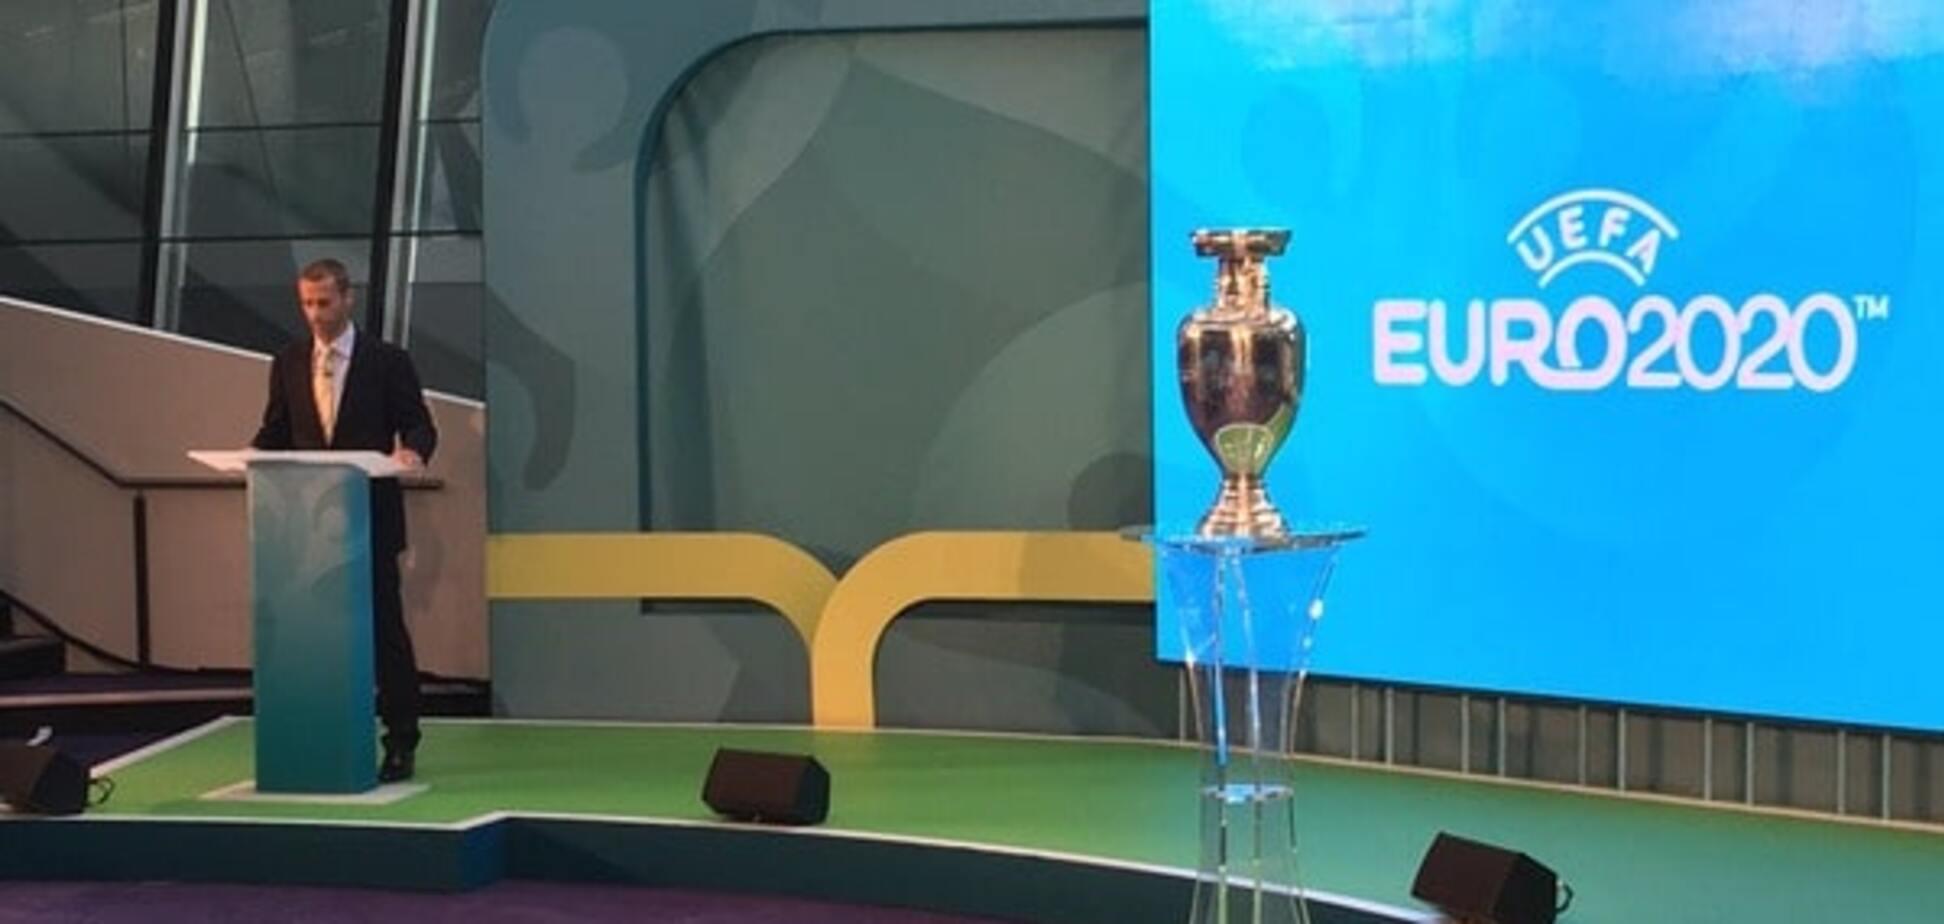 Відбір Євро-2020: де дивитися онлайн жеребкування